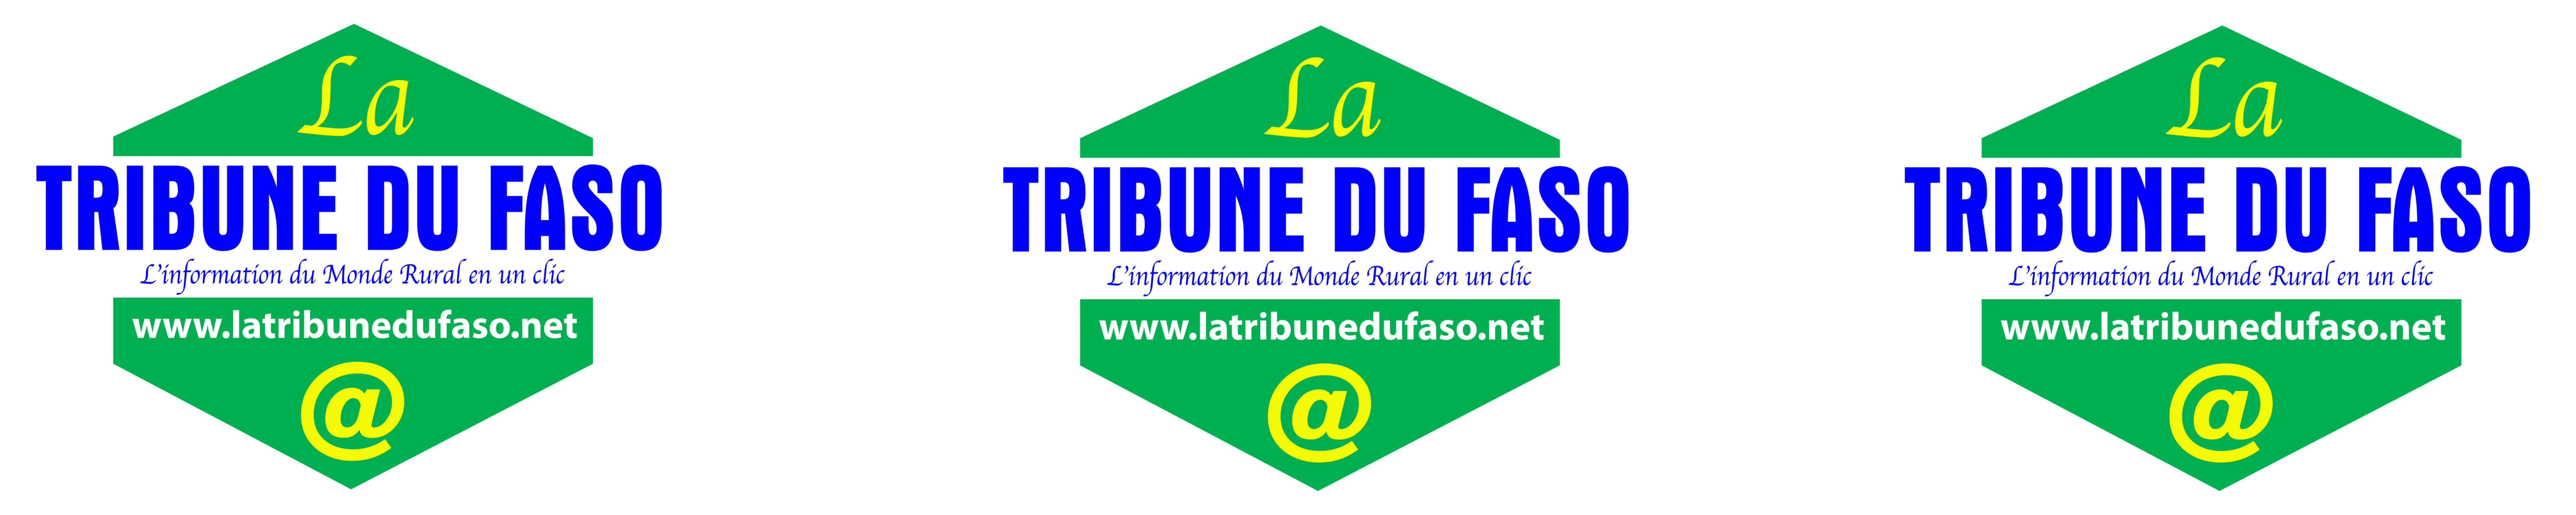 La Tribune du Faso